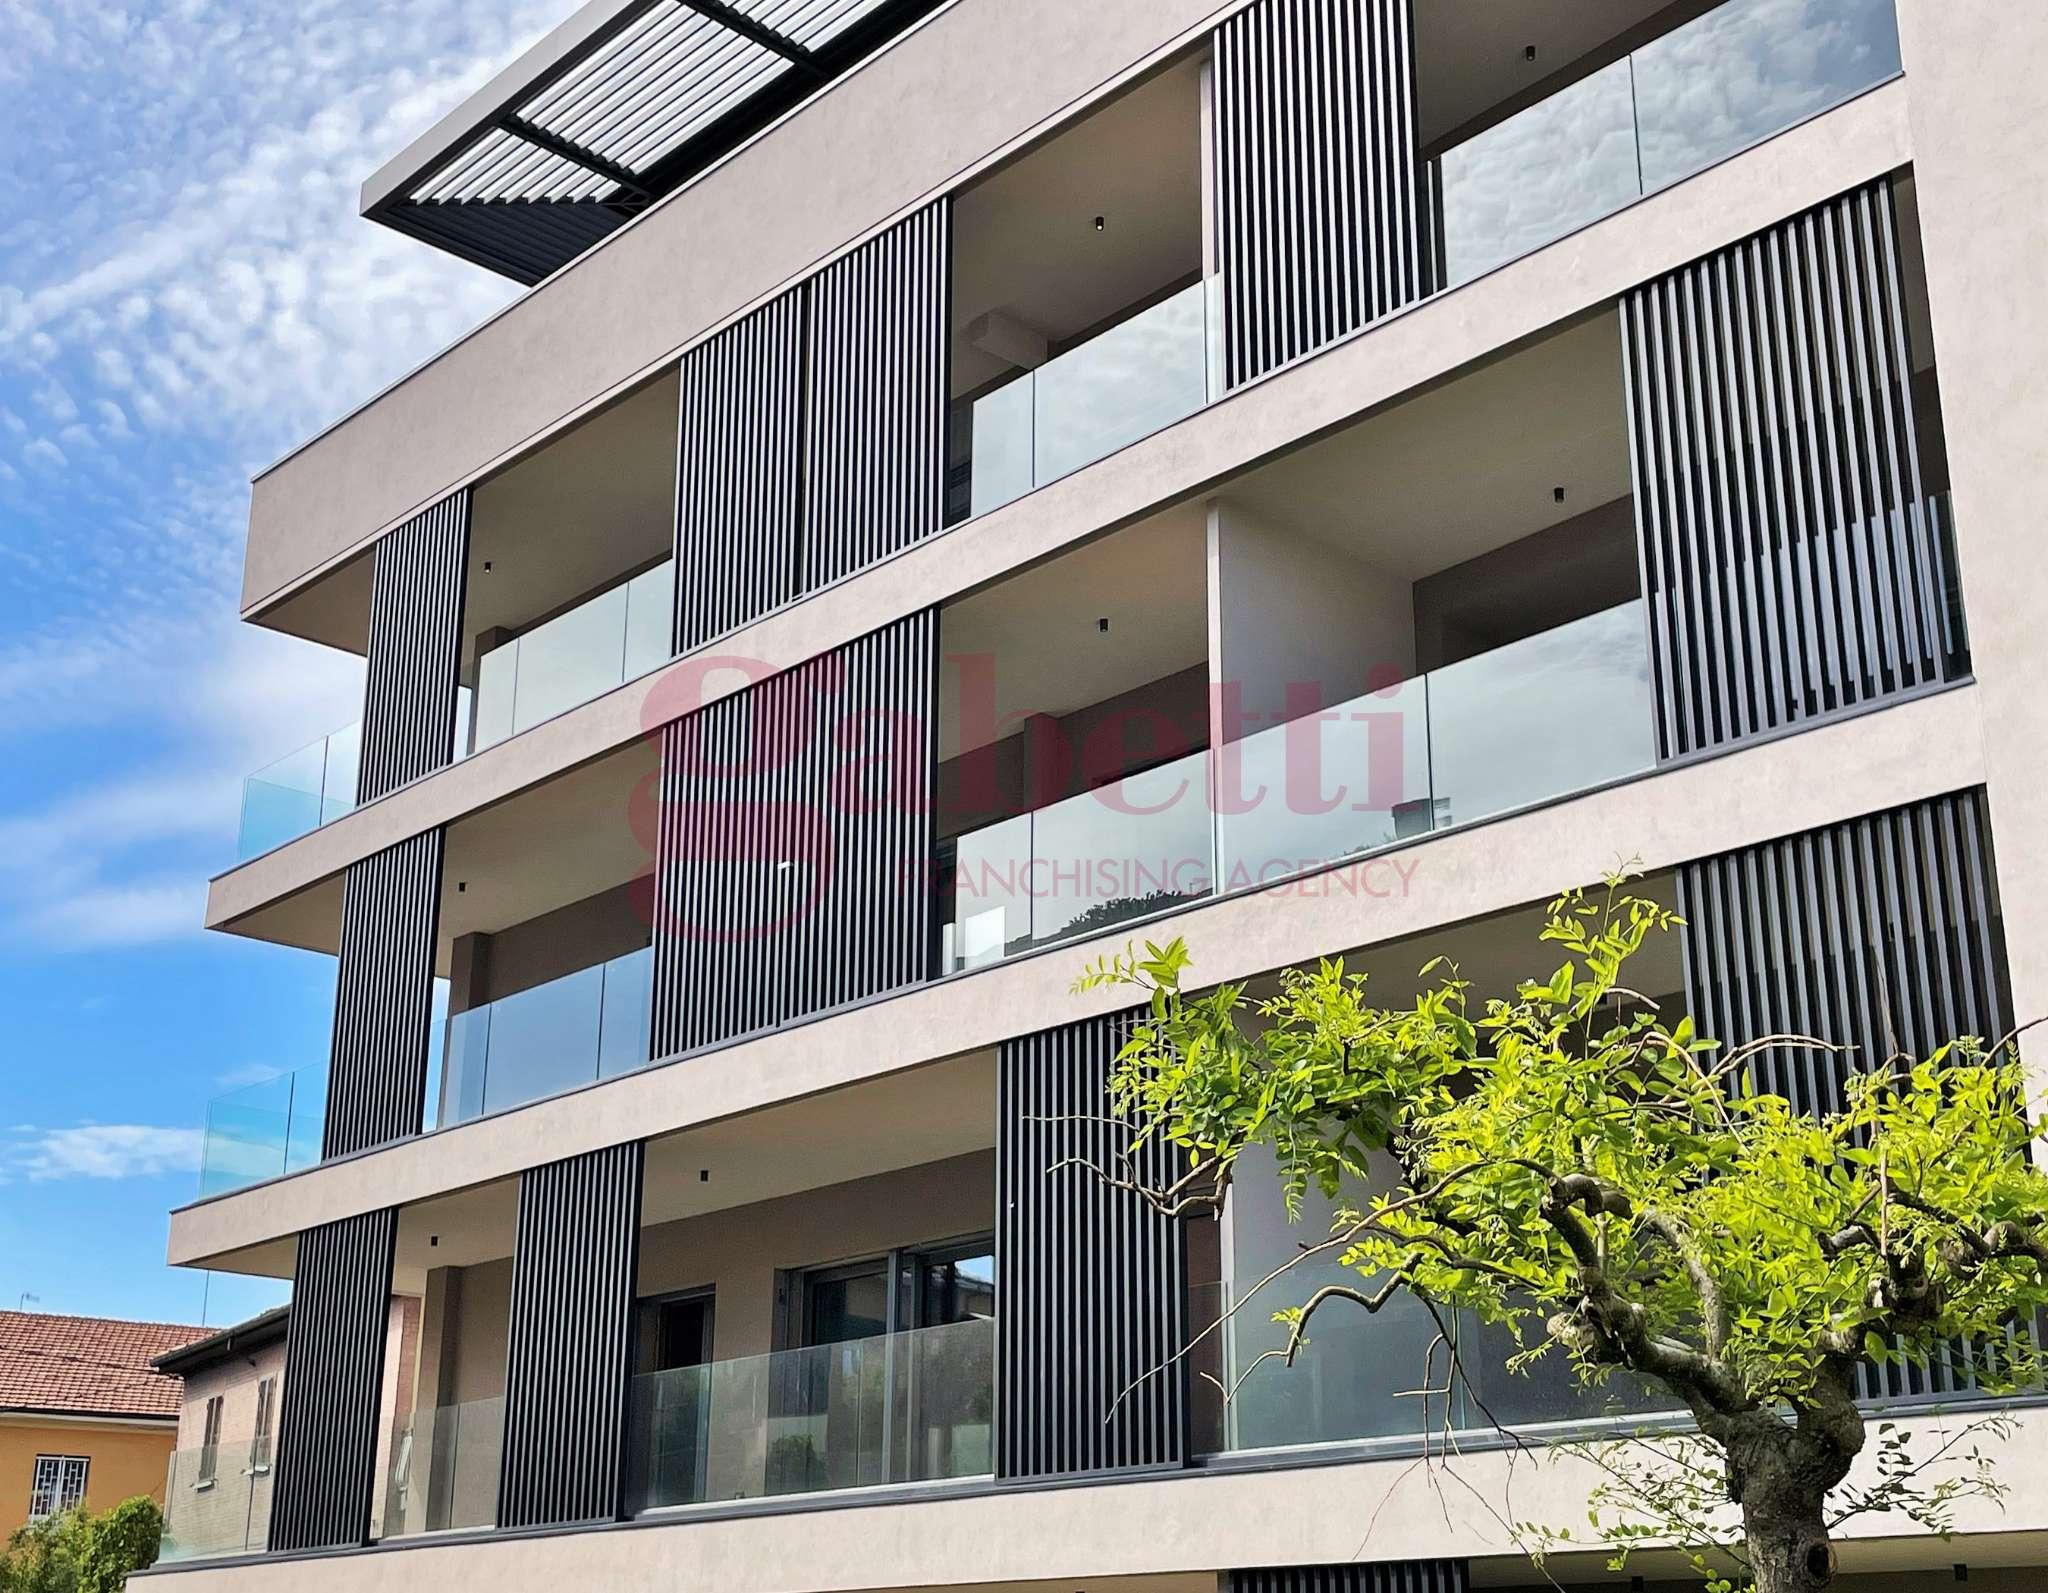 Appartamento in vendita a San Lazzaro di Savena, 5 locali, prezzo € 723.000 | PortaleAgenzieImmobiliari.it